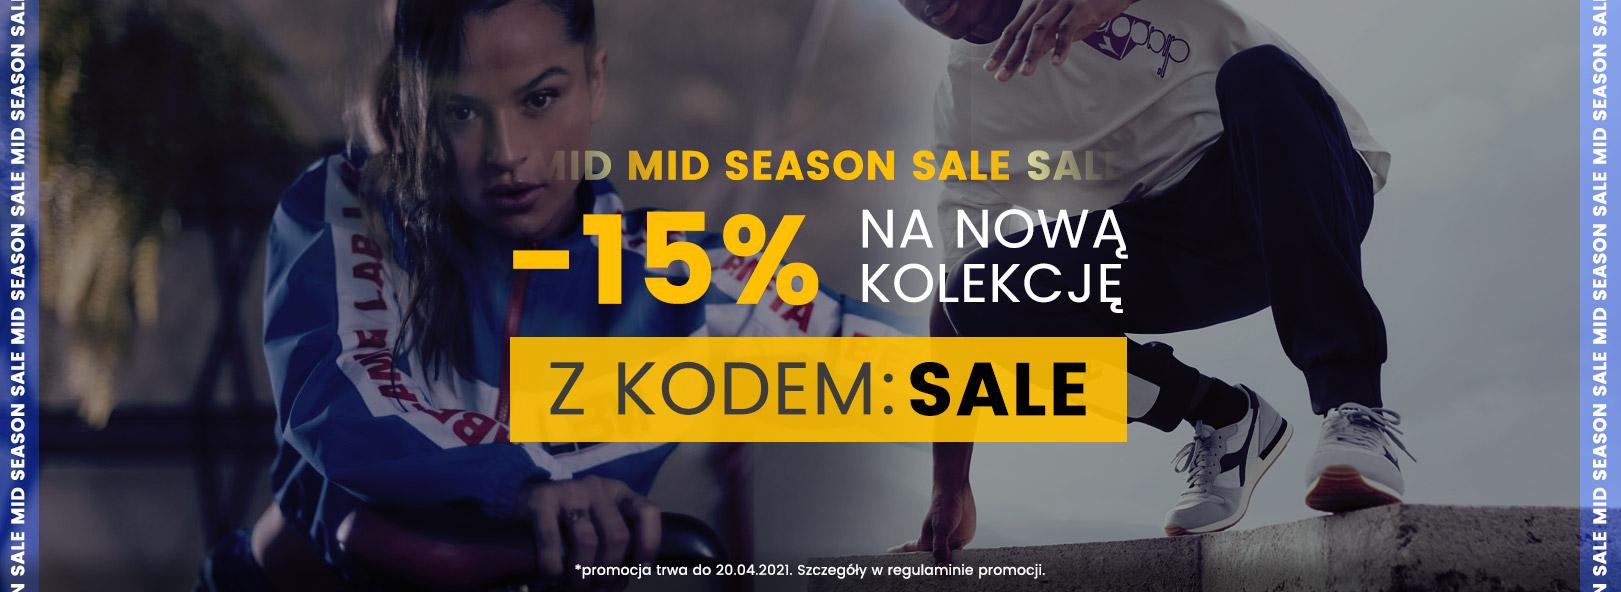 MM Sport: wyprzedaż 15% zniżki na asortyment nieprzeceniony - odzież, obuwie i akcesoria sportowe